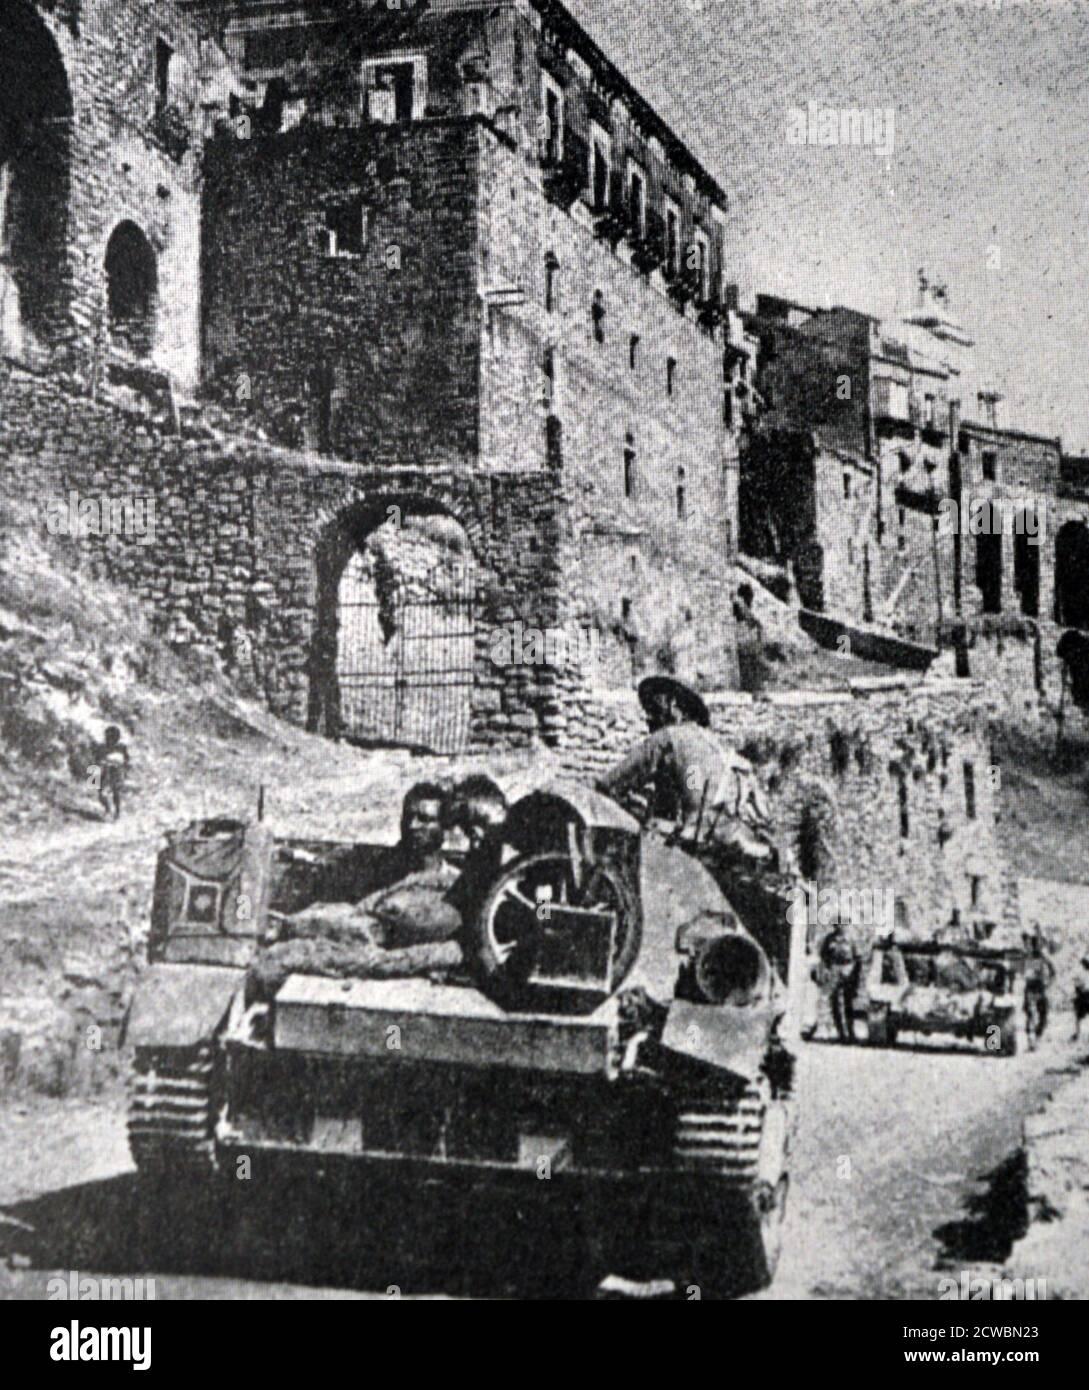 Photographie en noir et blanc de la Seconde Guerre mondiale (1939-1945) montrant des chars britanniques entrant dans Messine, où ils ont Uni leurs forces avec les troupes américaines le 17 août 1943. Banque D'Images